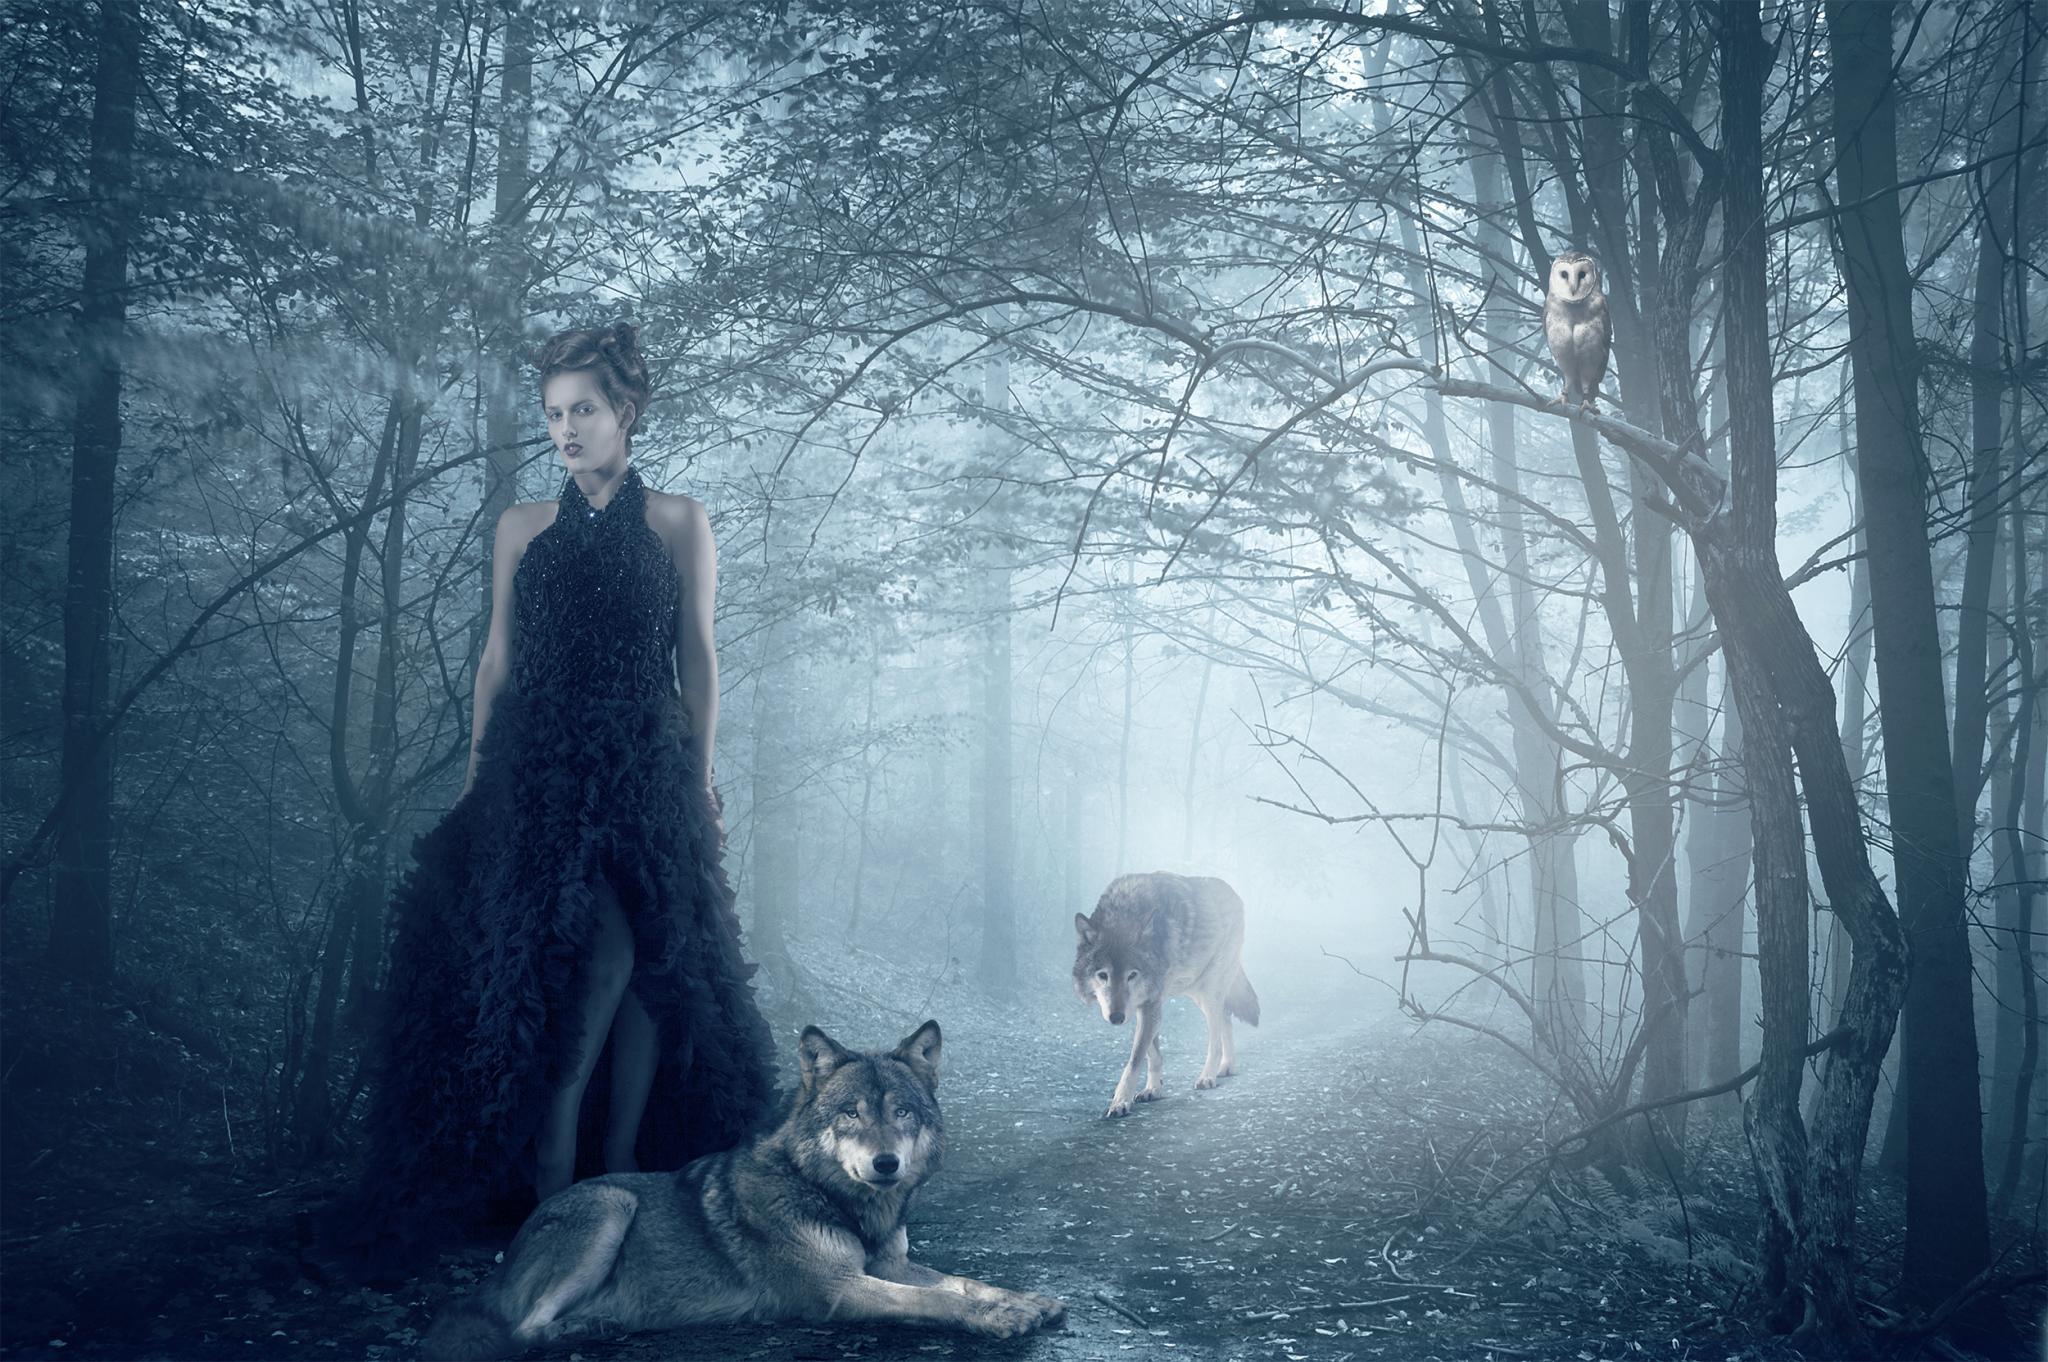 таинственная фото волка